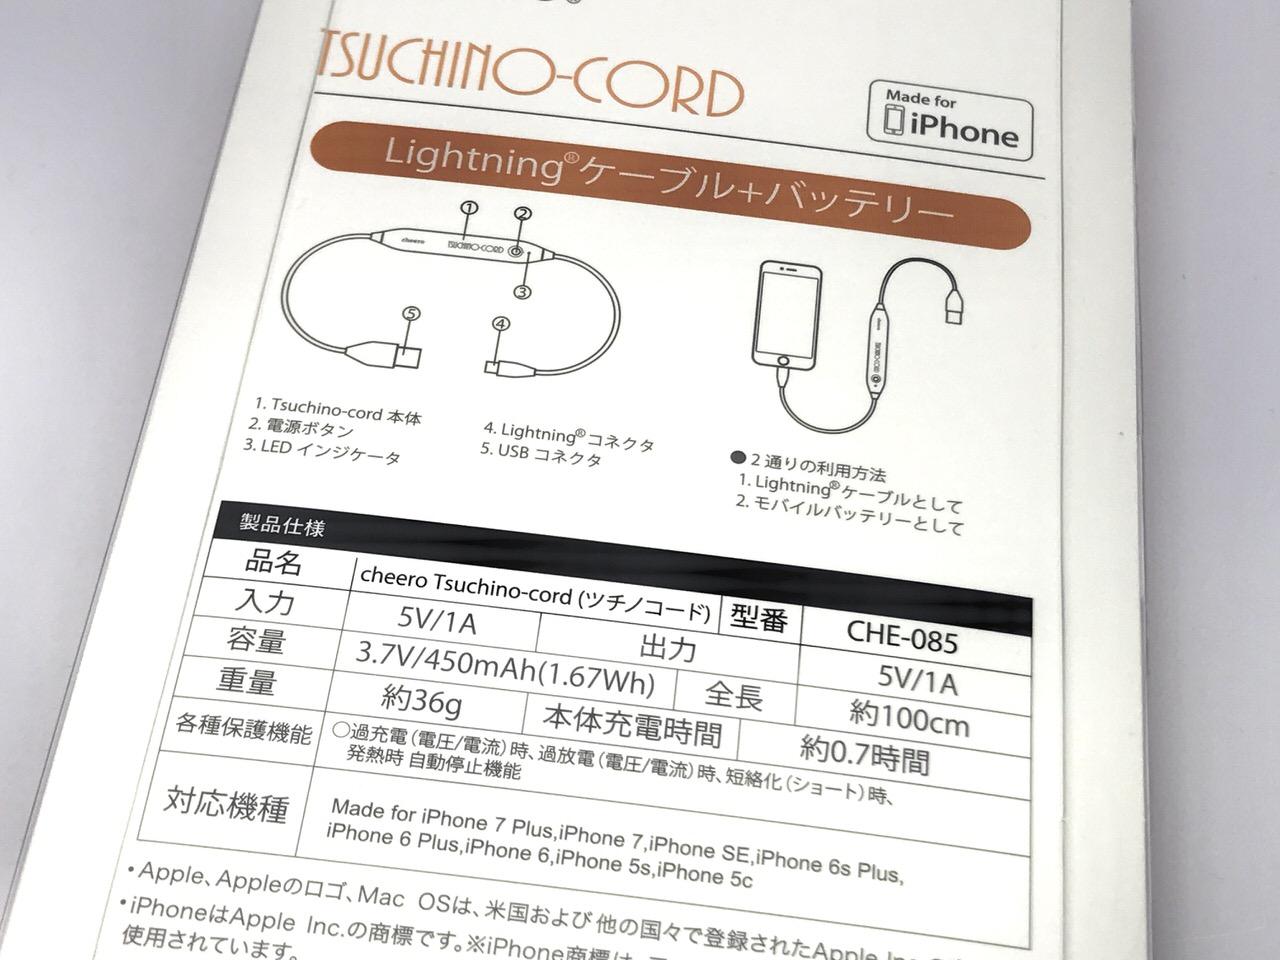 Tsuchino cord 2